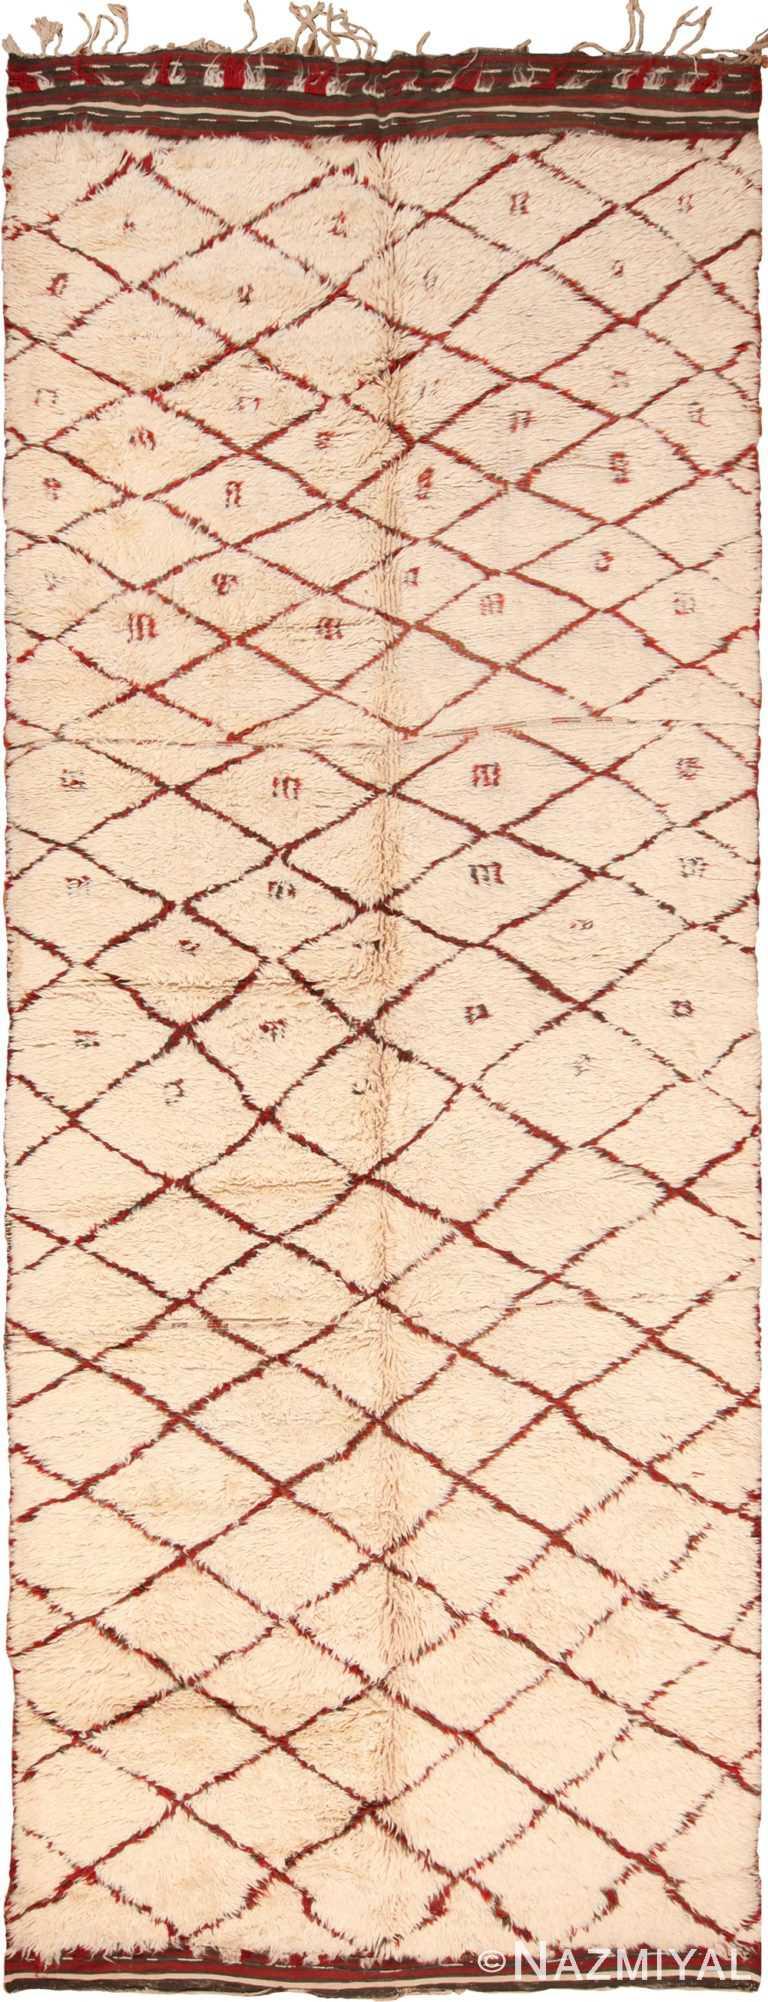 Vintage Moroccan Berber Rug 70527 by Nazmiyal NYC